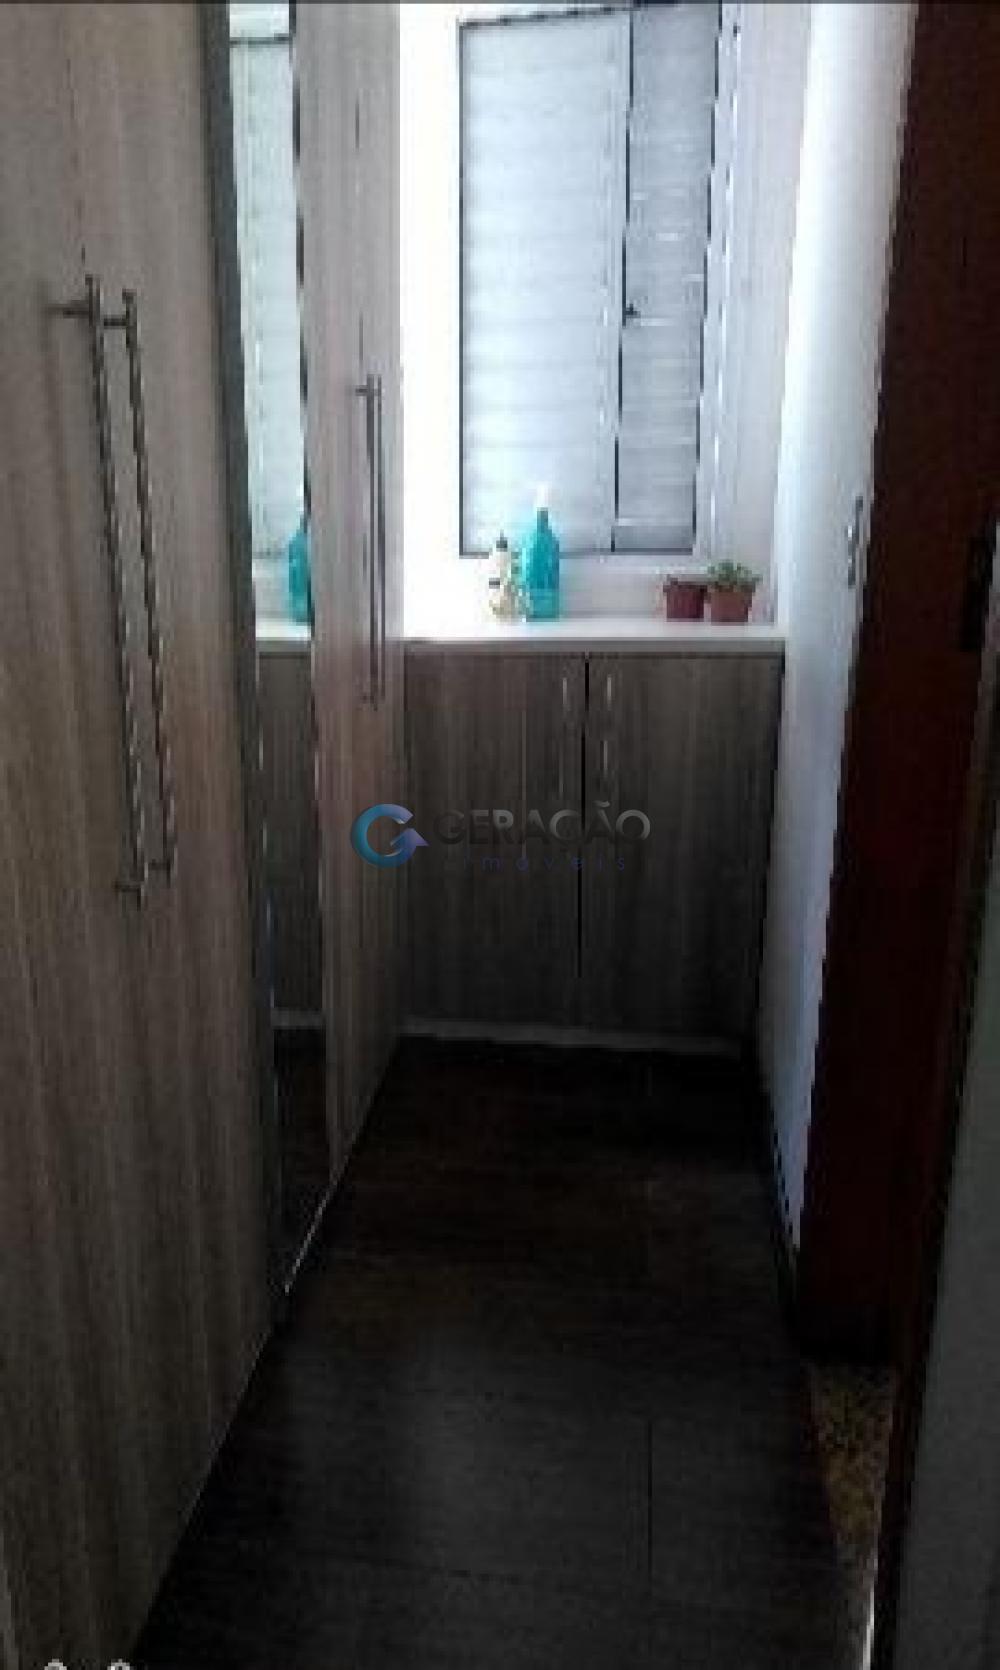 Comprar Apartamento / Padrão em São José dos Campos R$ 305.000,00 - Foto 20